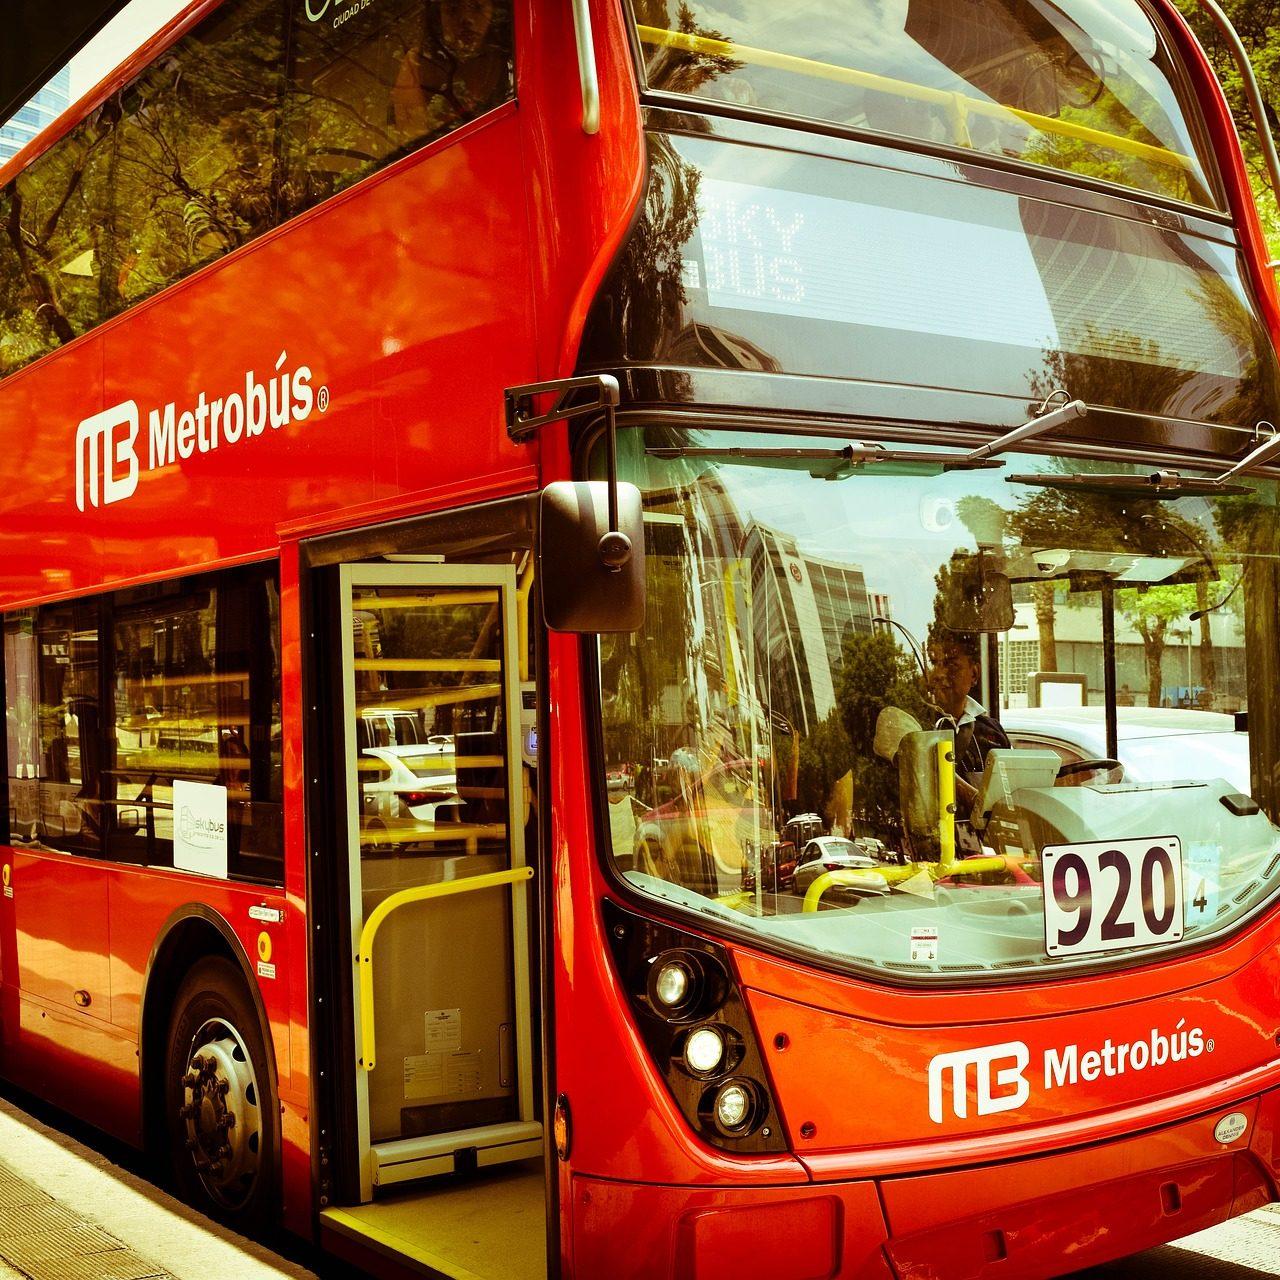 Comparación entre Metrobús Eléctrico y Metrobús tradicional